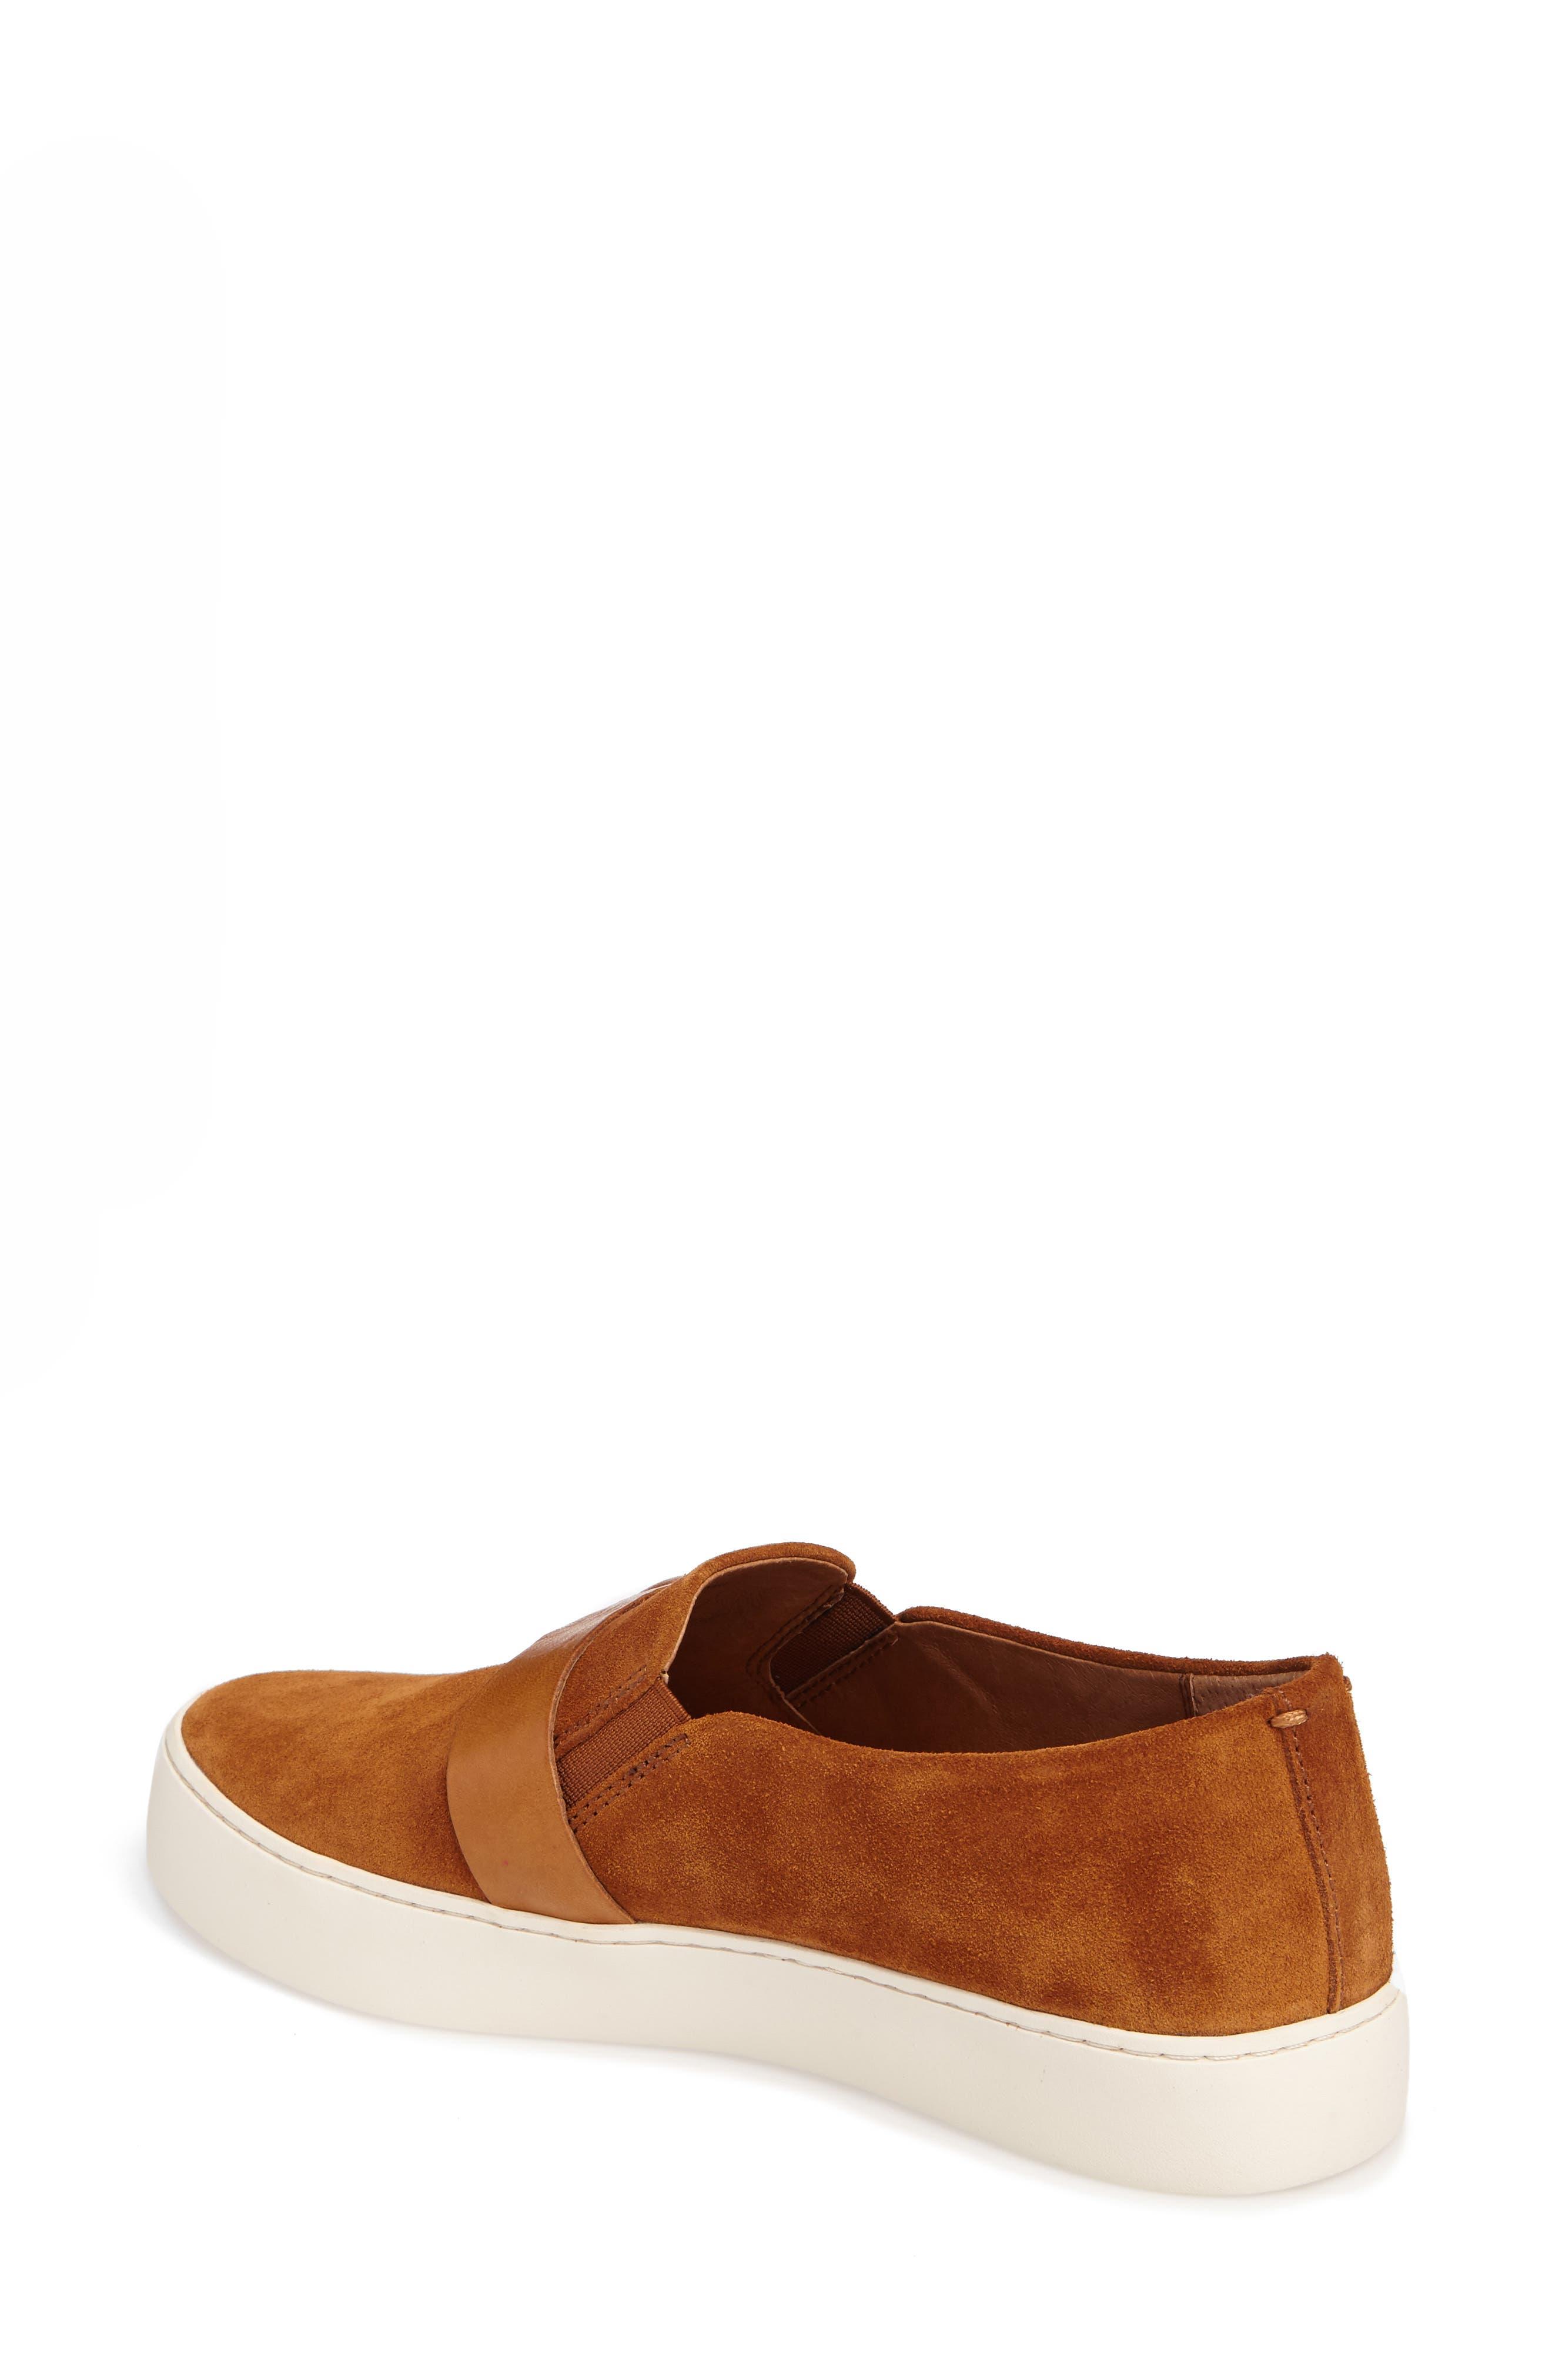 Alternate Image 2  - Frye Lena Harness Slip-On Sneaker (Women)